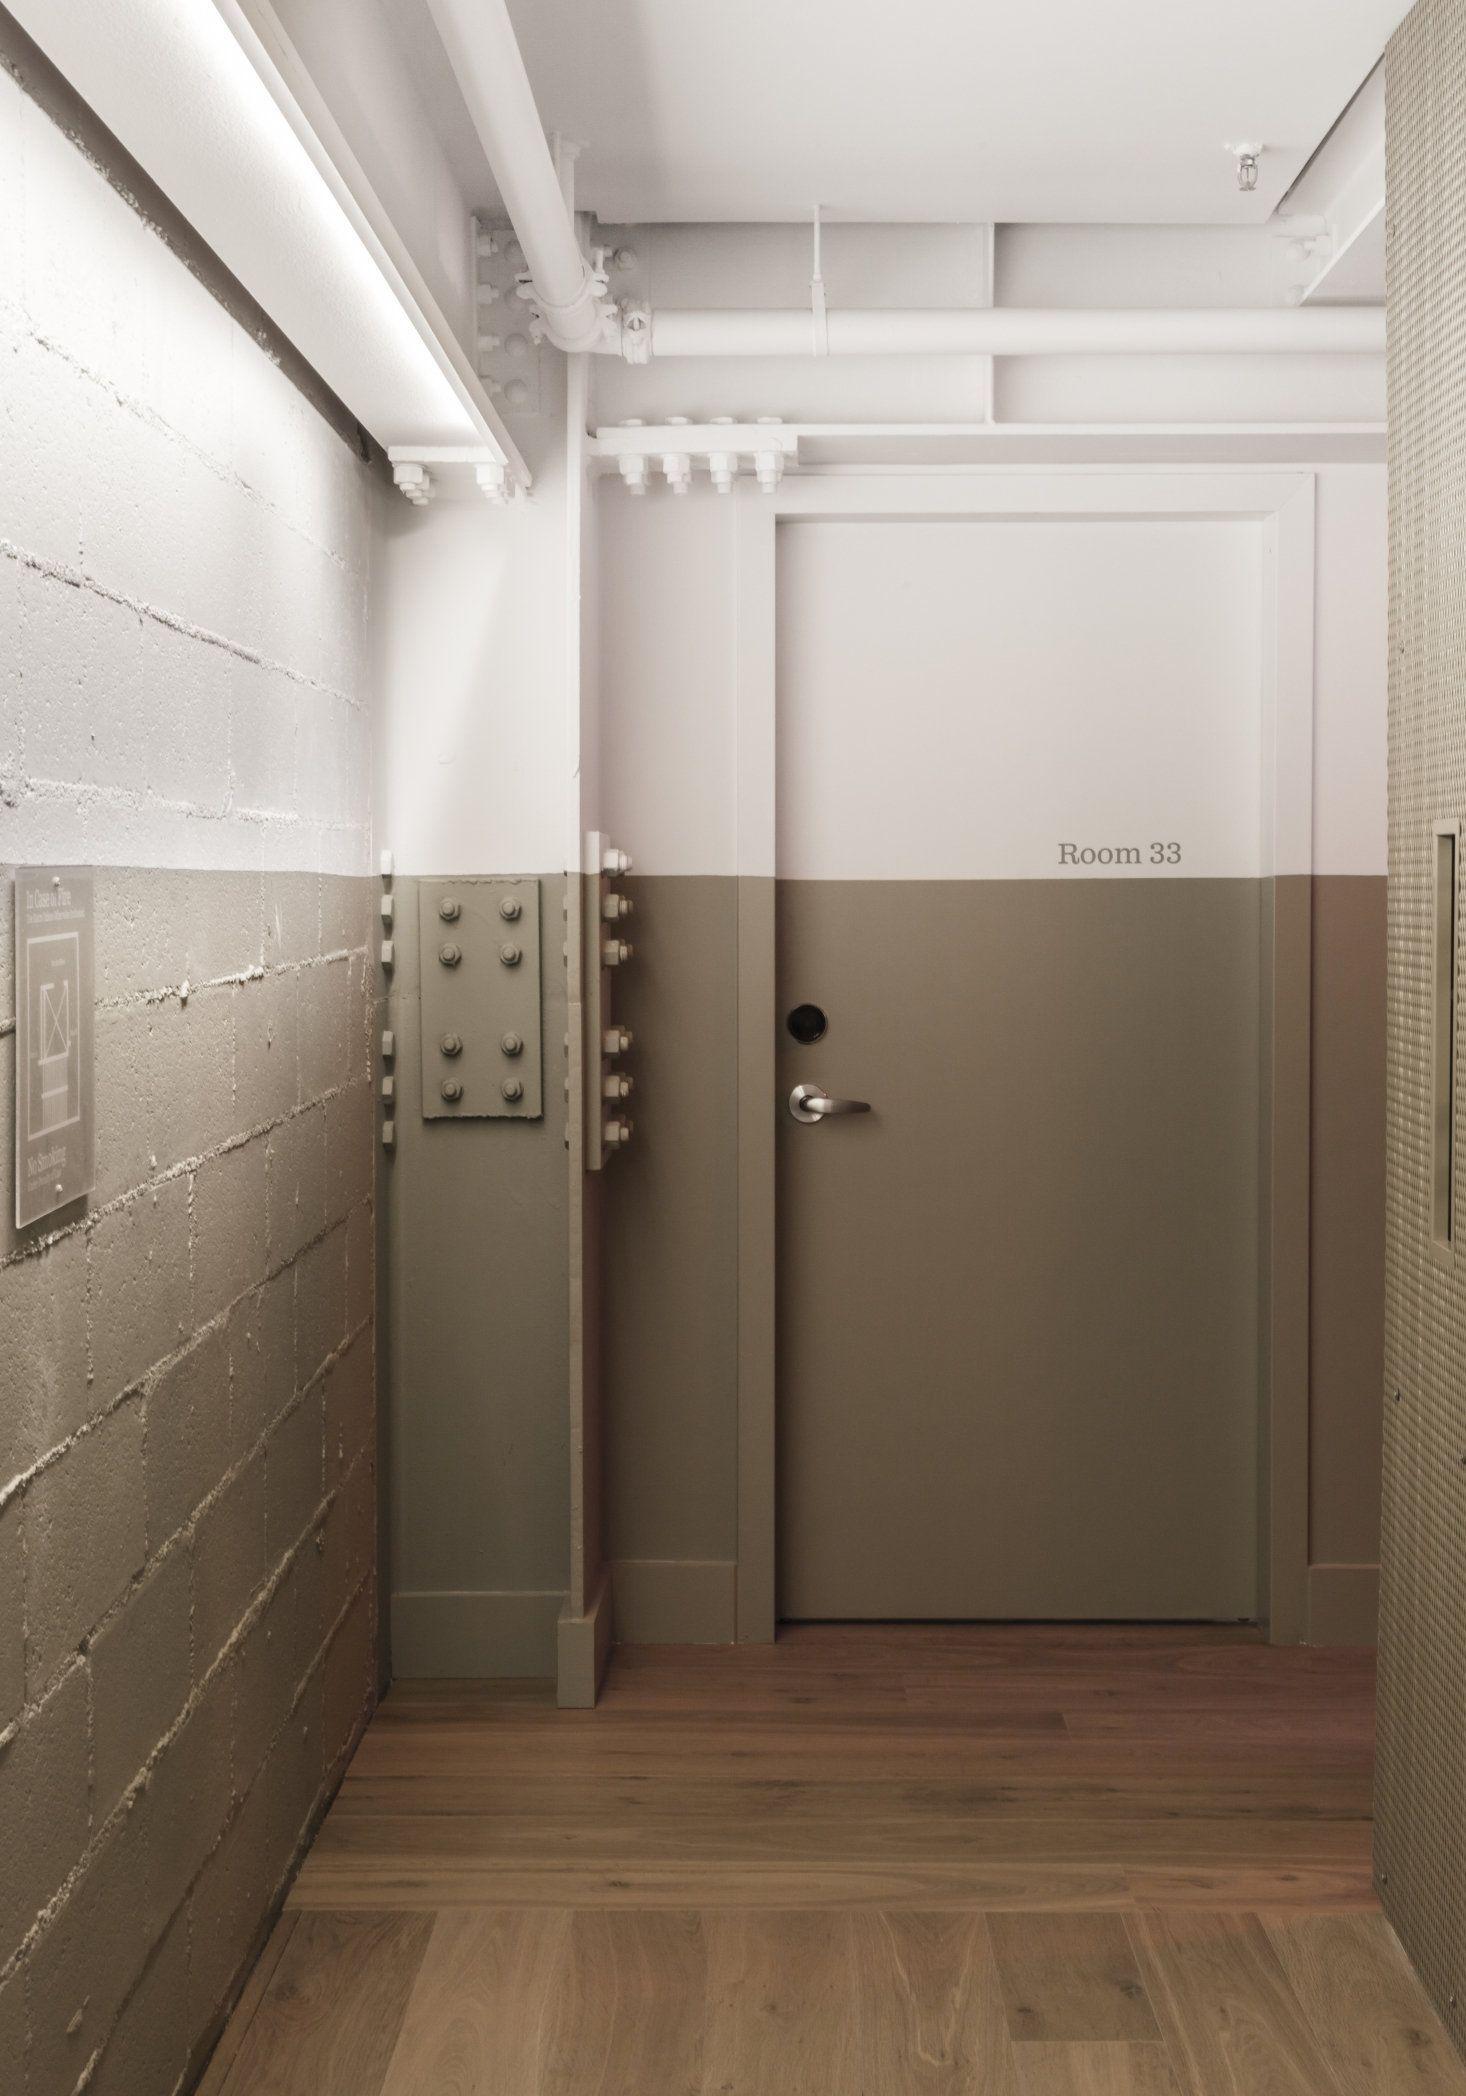 19 Of The Best Ideas For Apartment Decorating Ideas Corridor Design Apartment Building Design